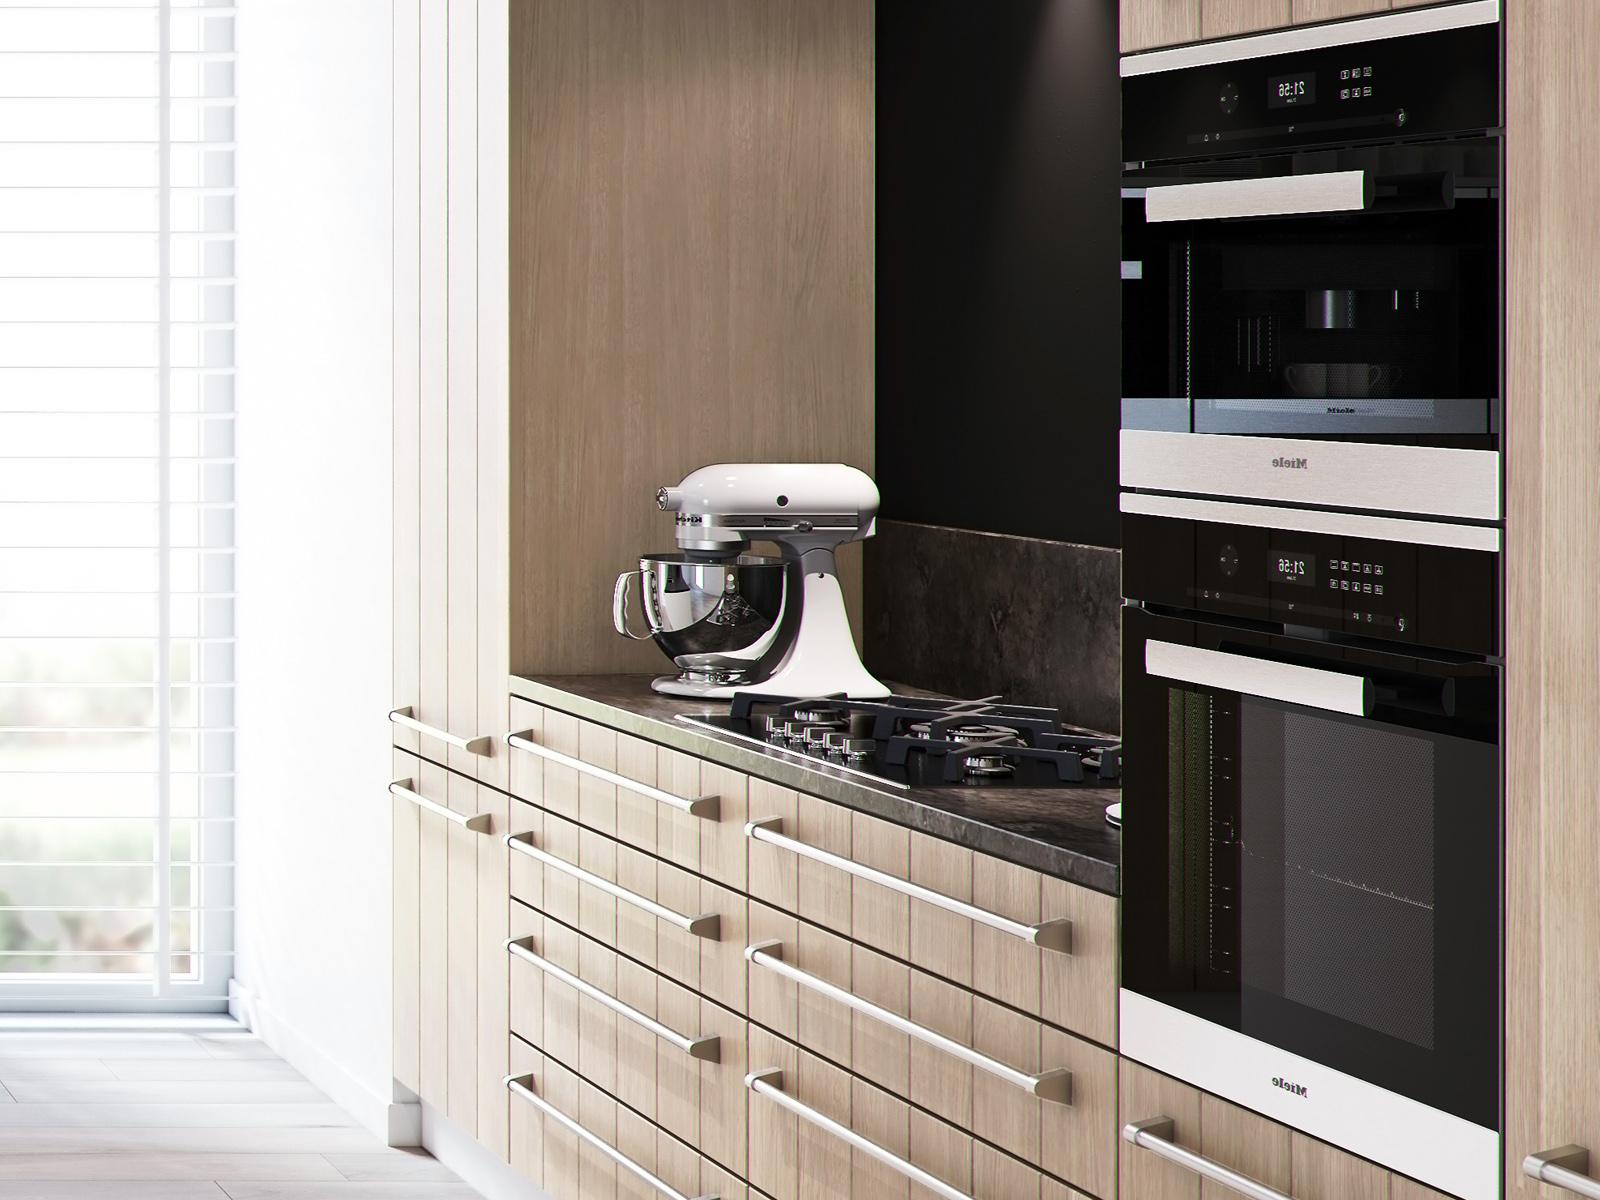 interactief keuken opties aanclicken